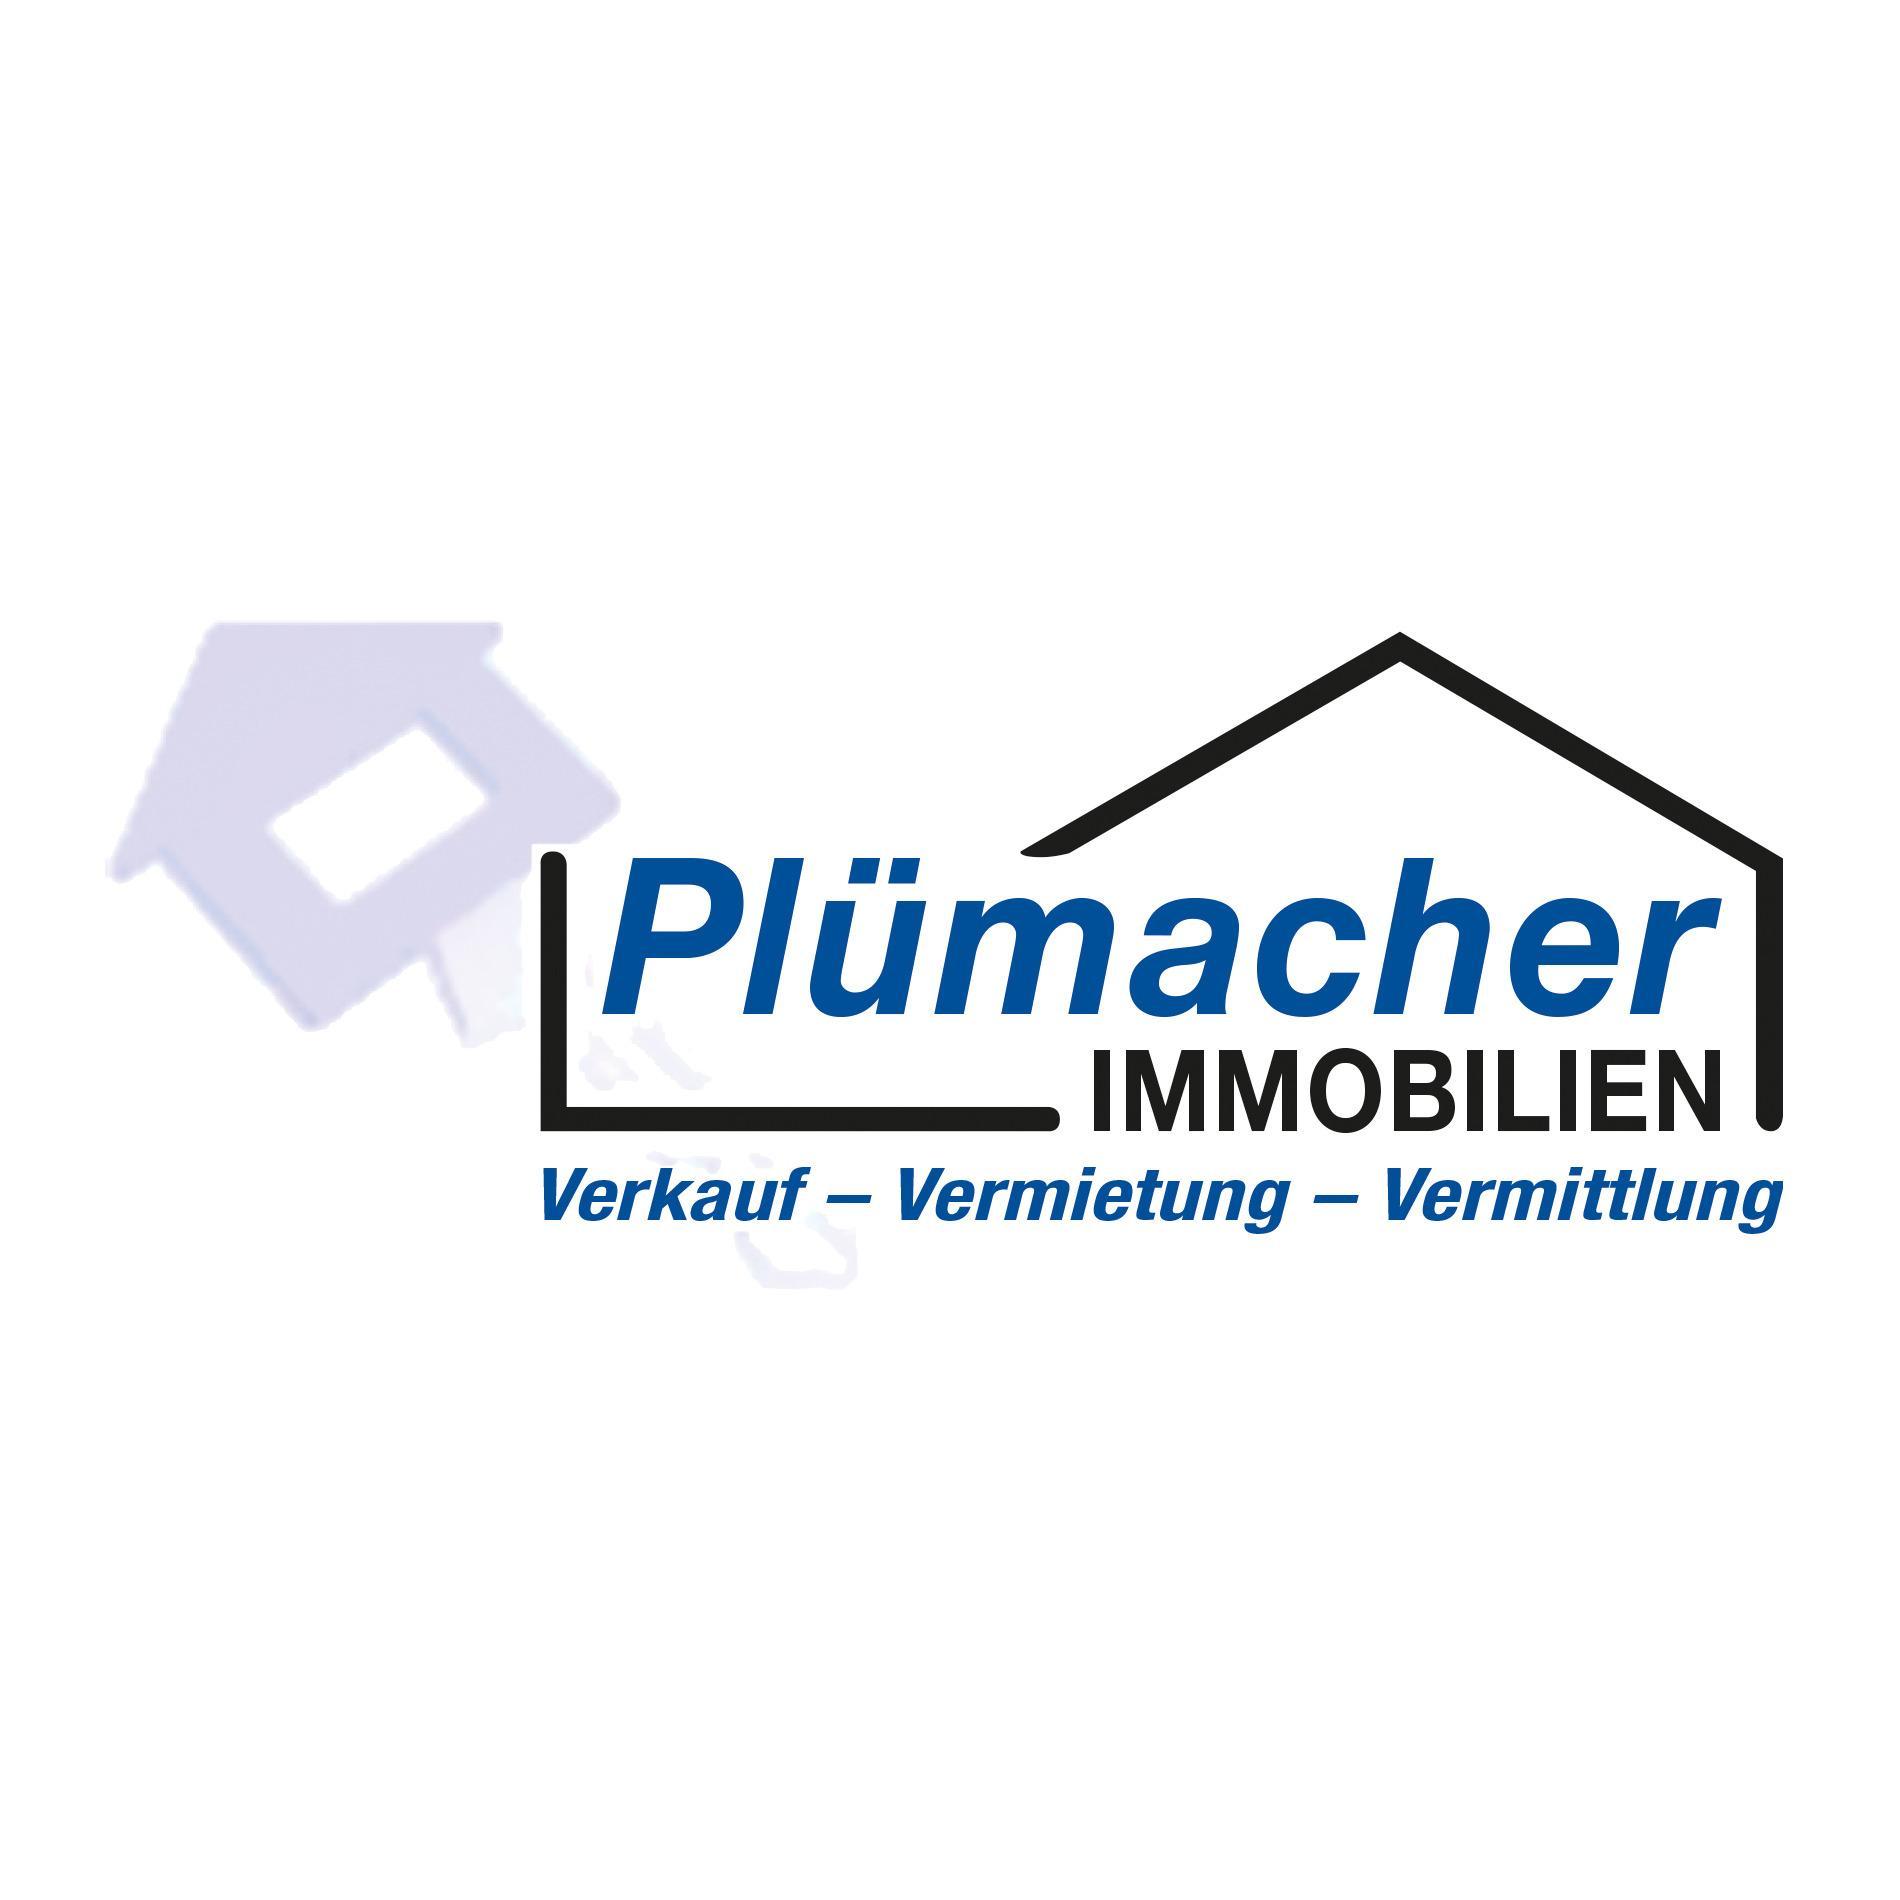 immobilien service deutschland gmbh co kg m nchengladbach ffnungszeiten in m nchengladbach. Black Bedroom Furniture Sets. Home Design Ideas